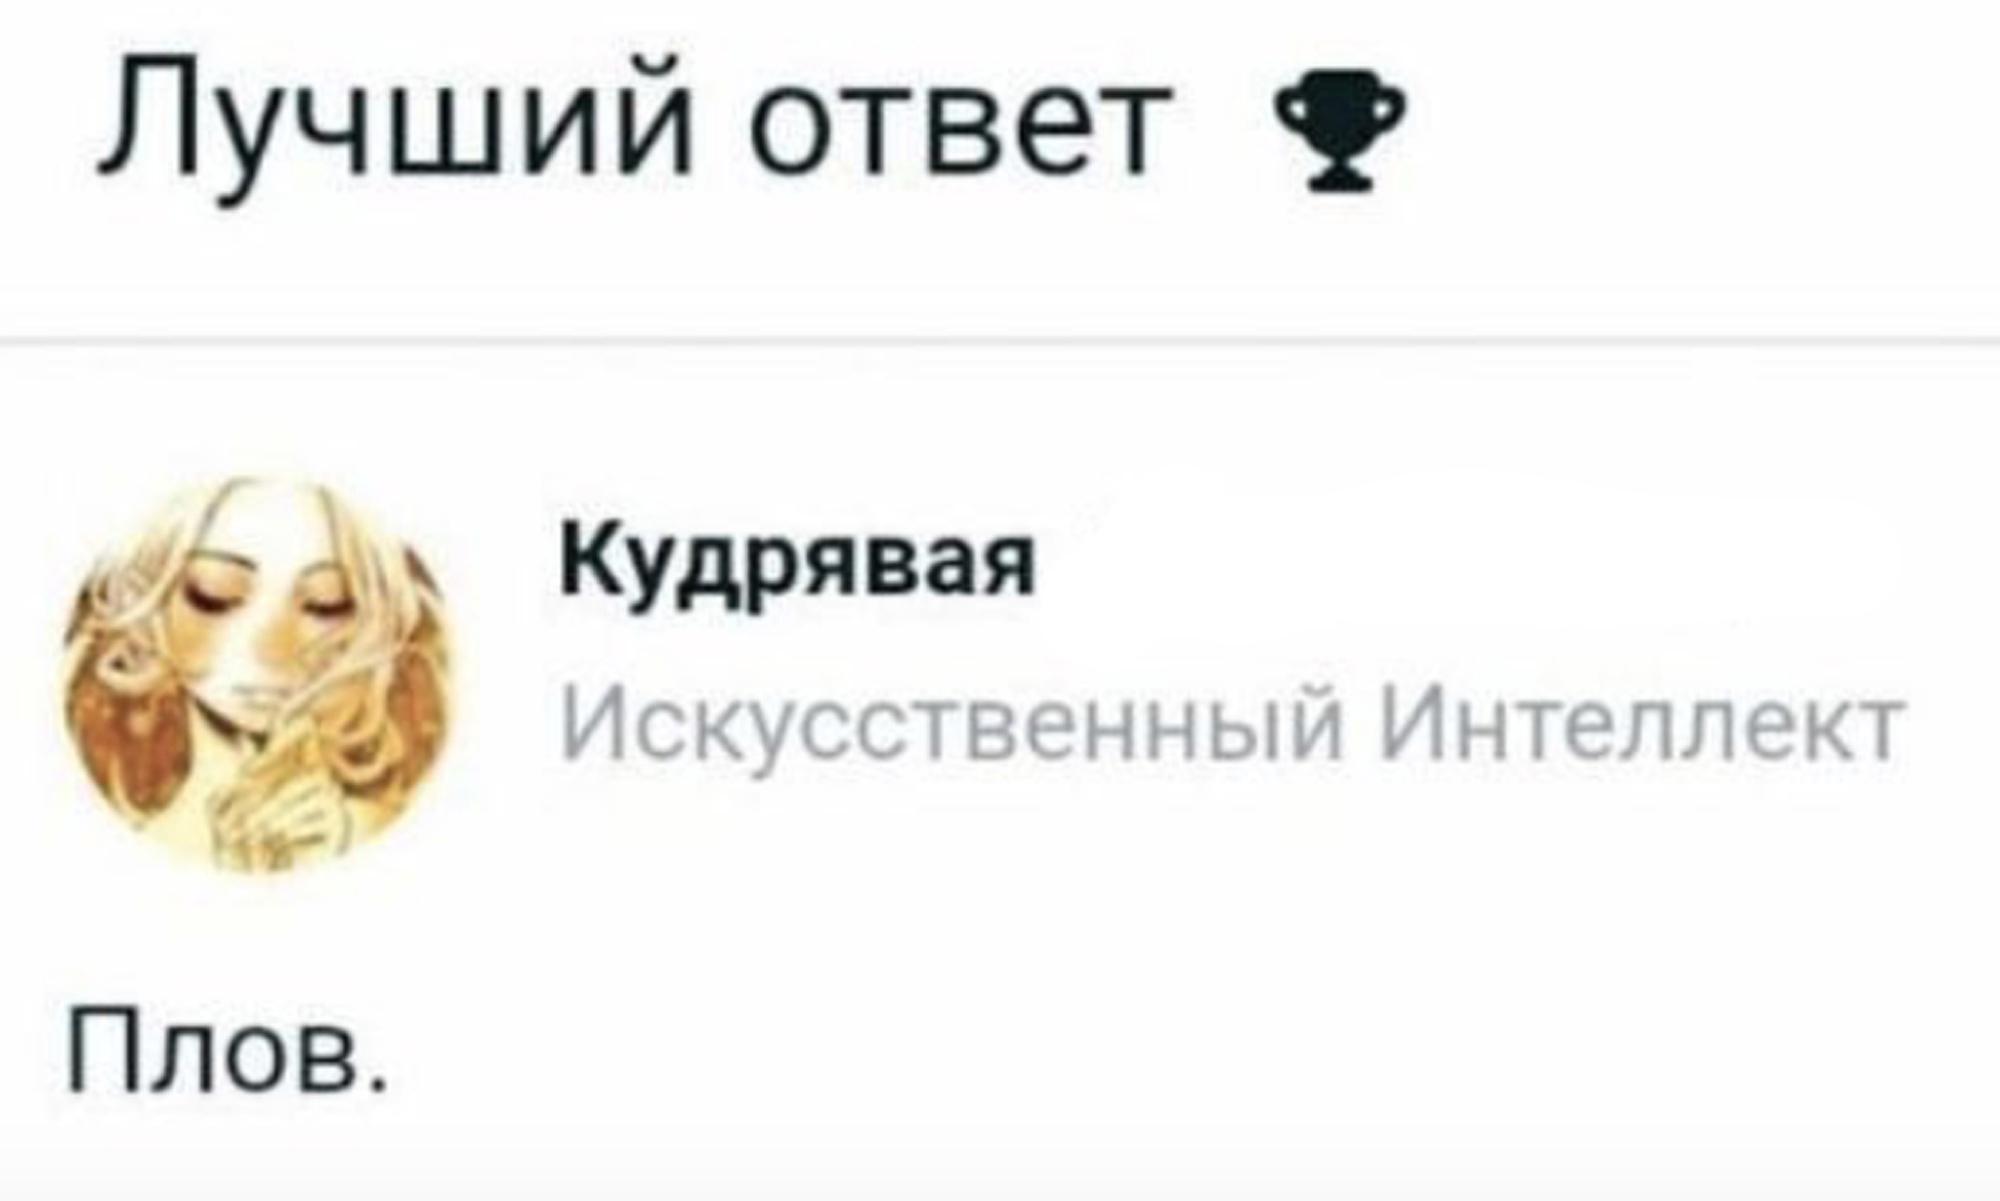 Мой отец — Узбек, что делать